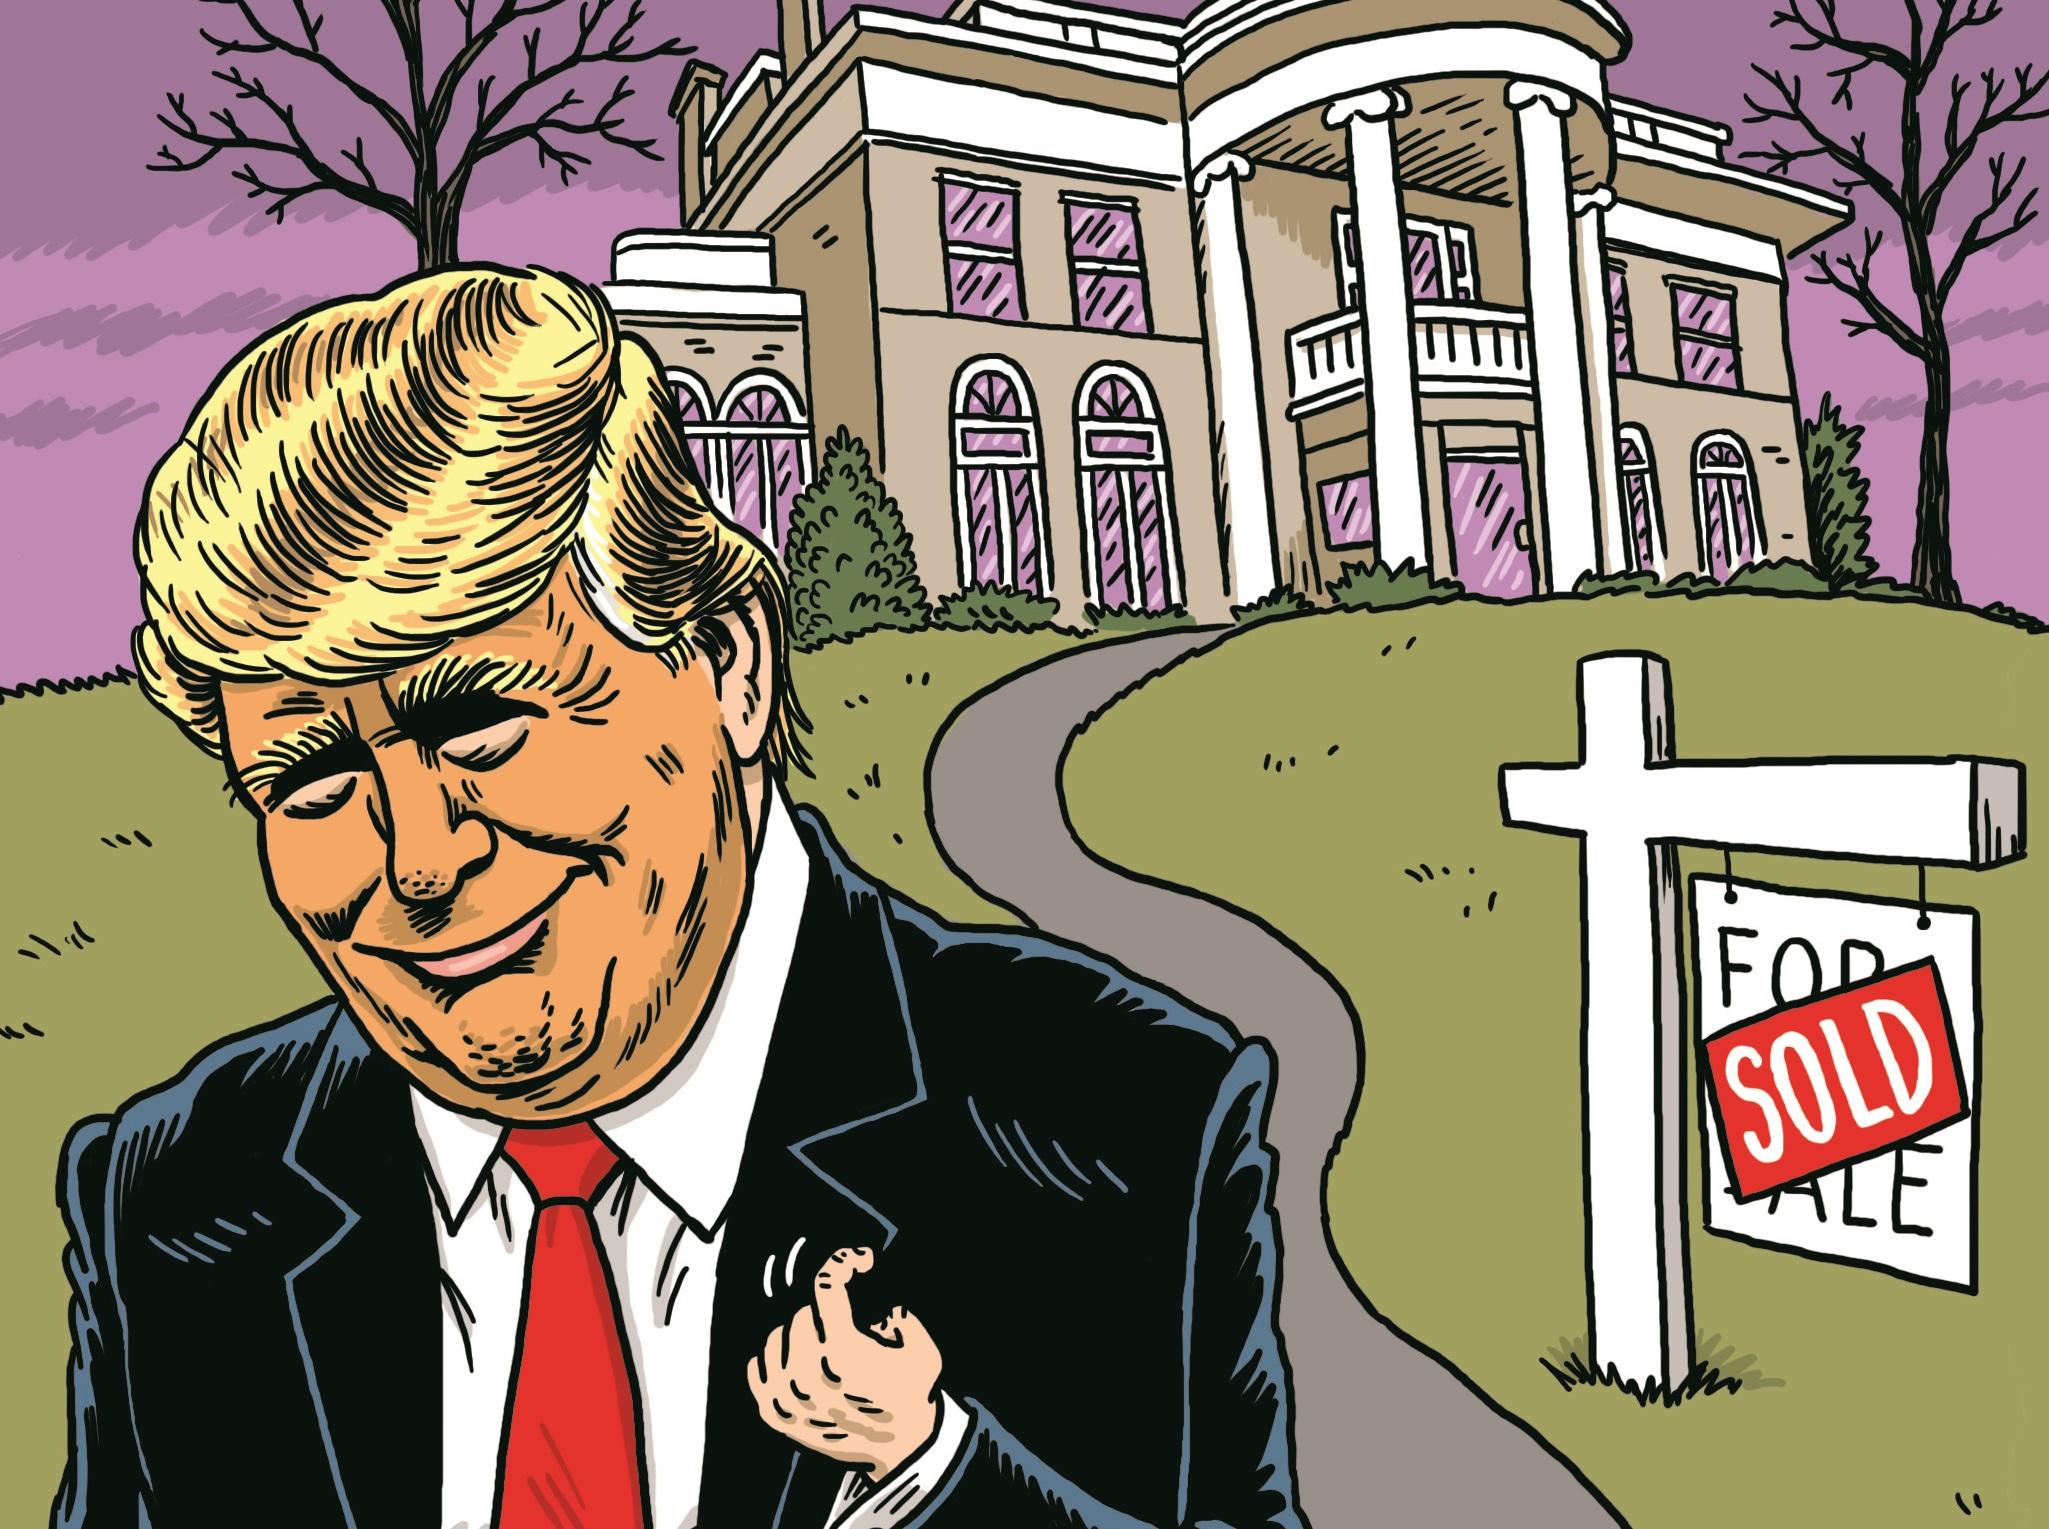 I dream of Donald Trump - The Boston Globe